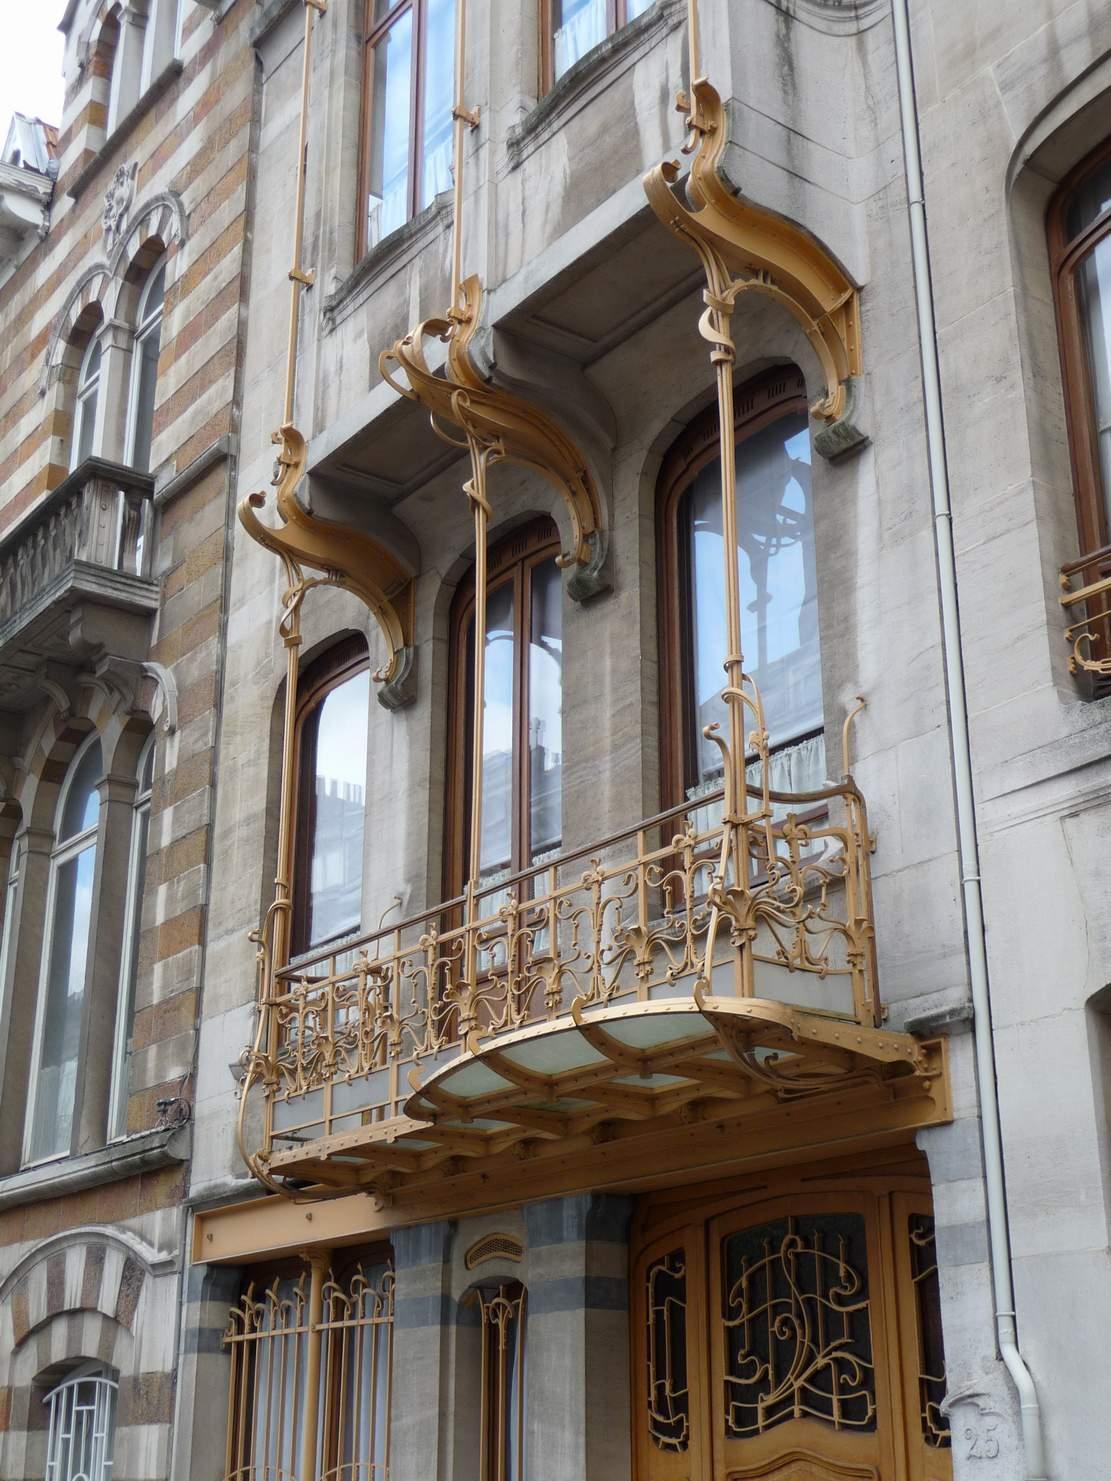 Fassadengestaltung stein  Architektur-Erkundungen in Brüssel | ARCH BLOG